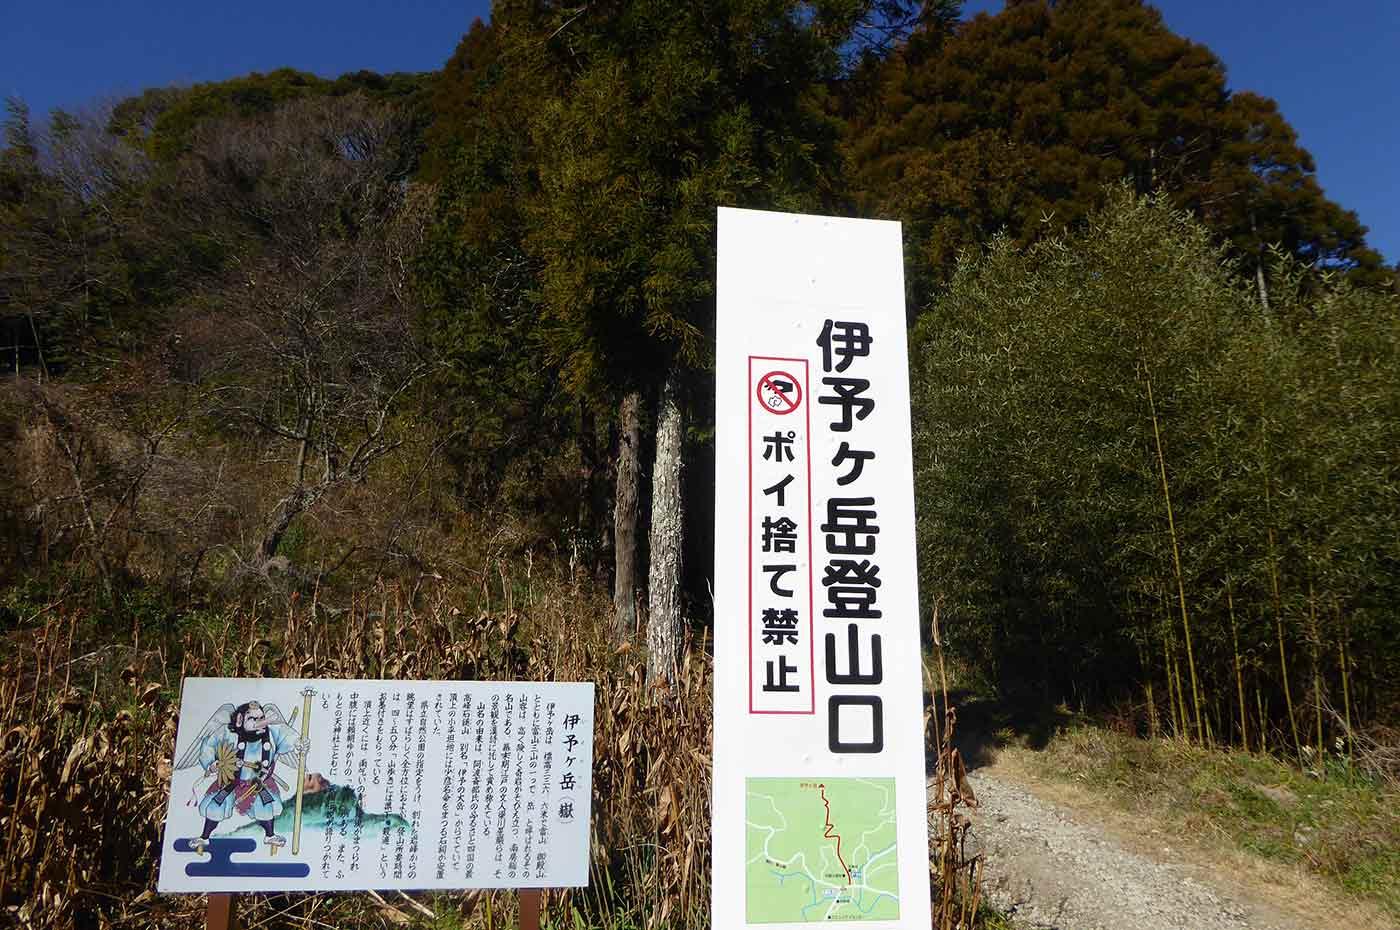 伊予ヶ岳の登山口の案内板